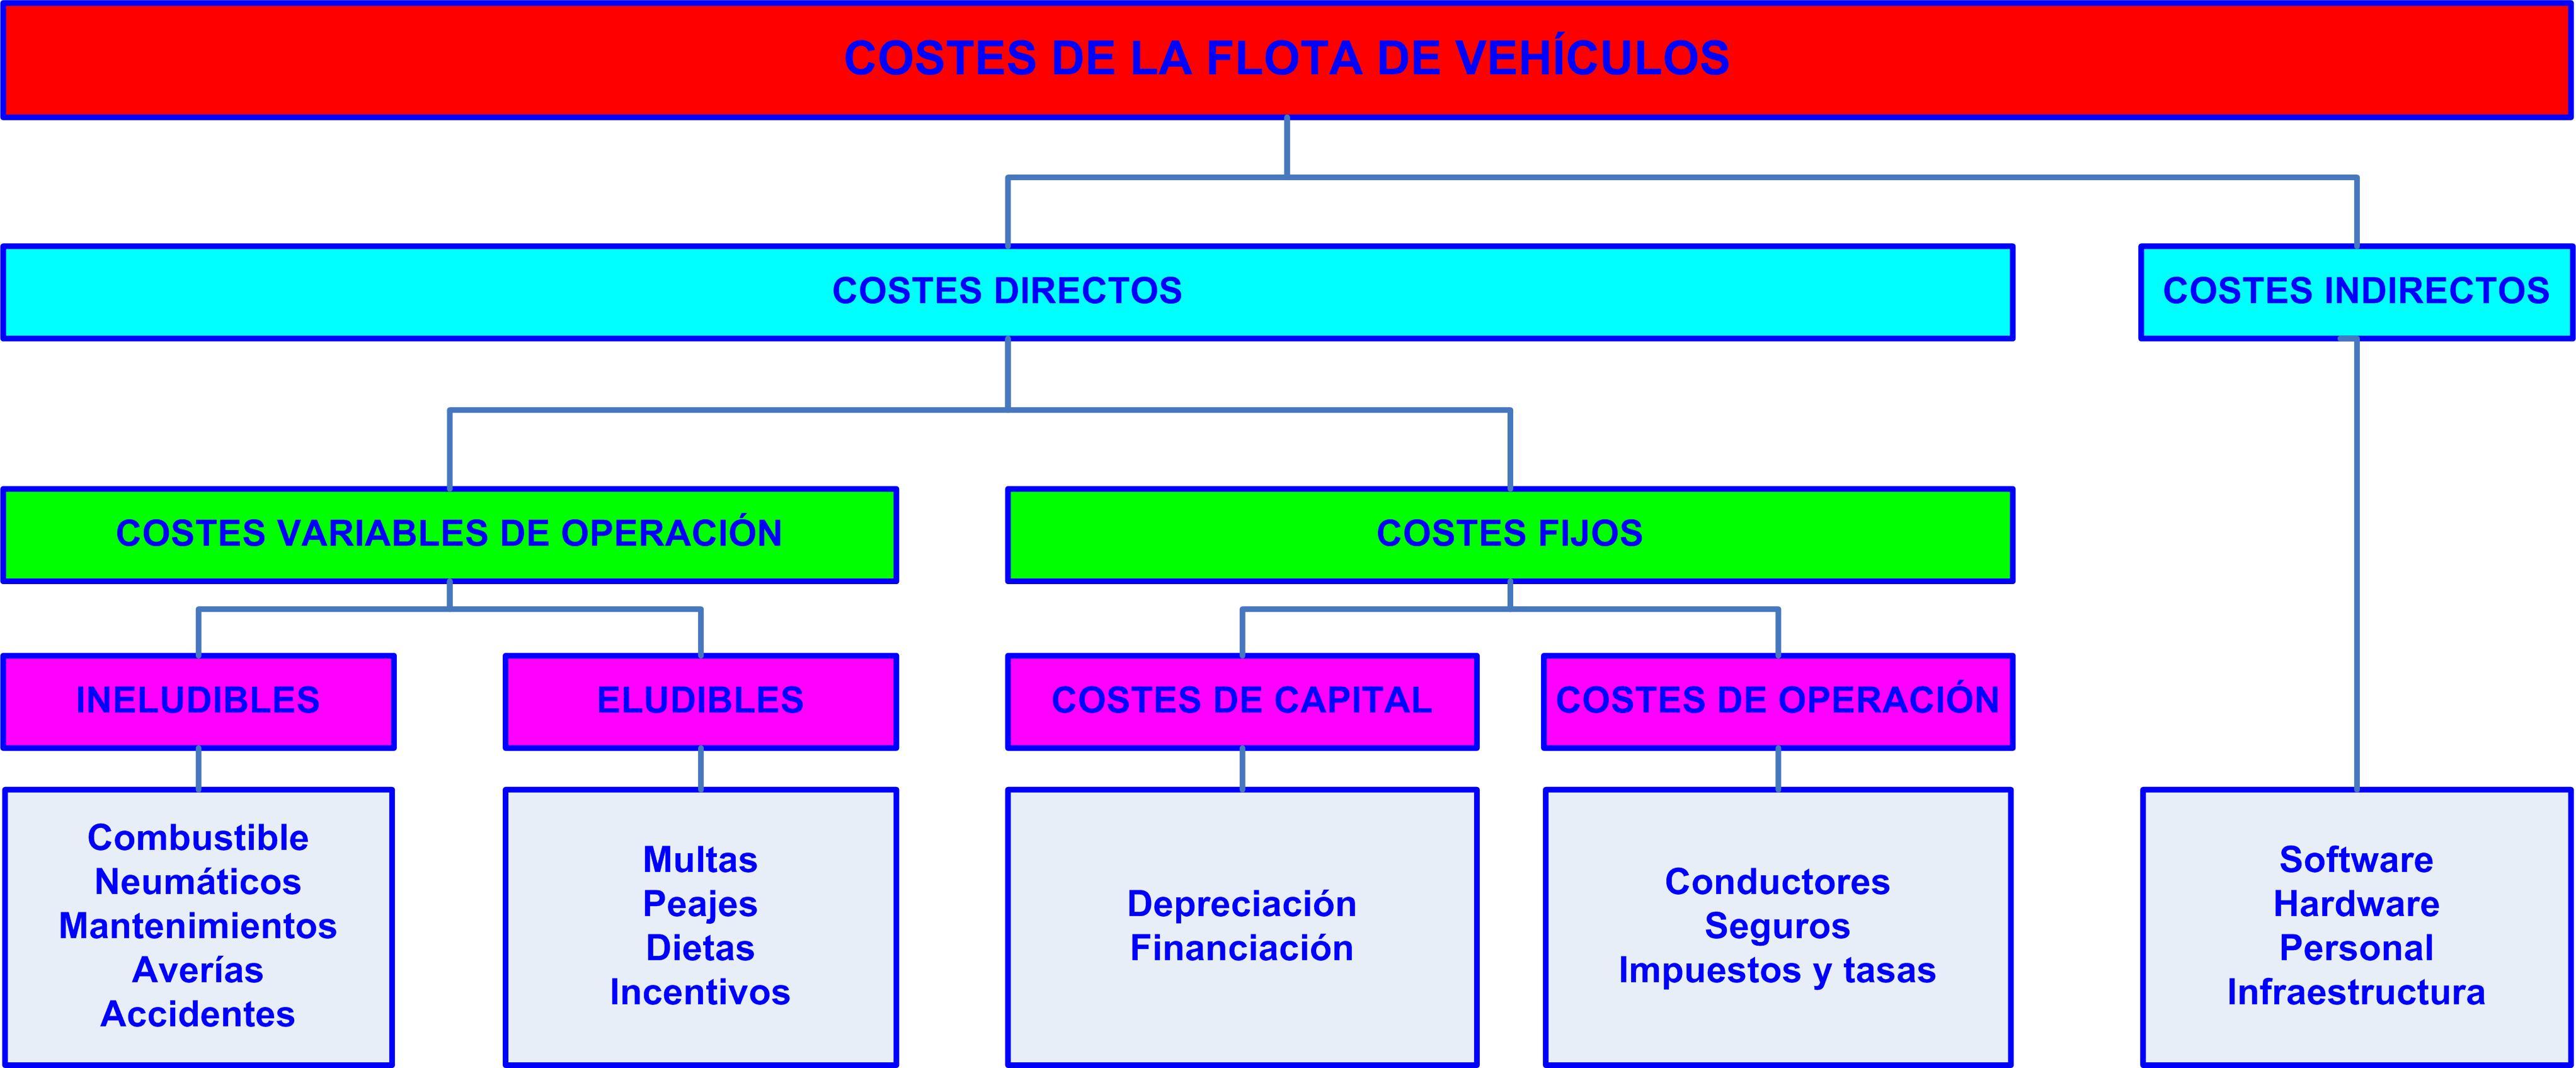 estructura de costes de una flota de vehículos